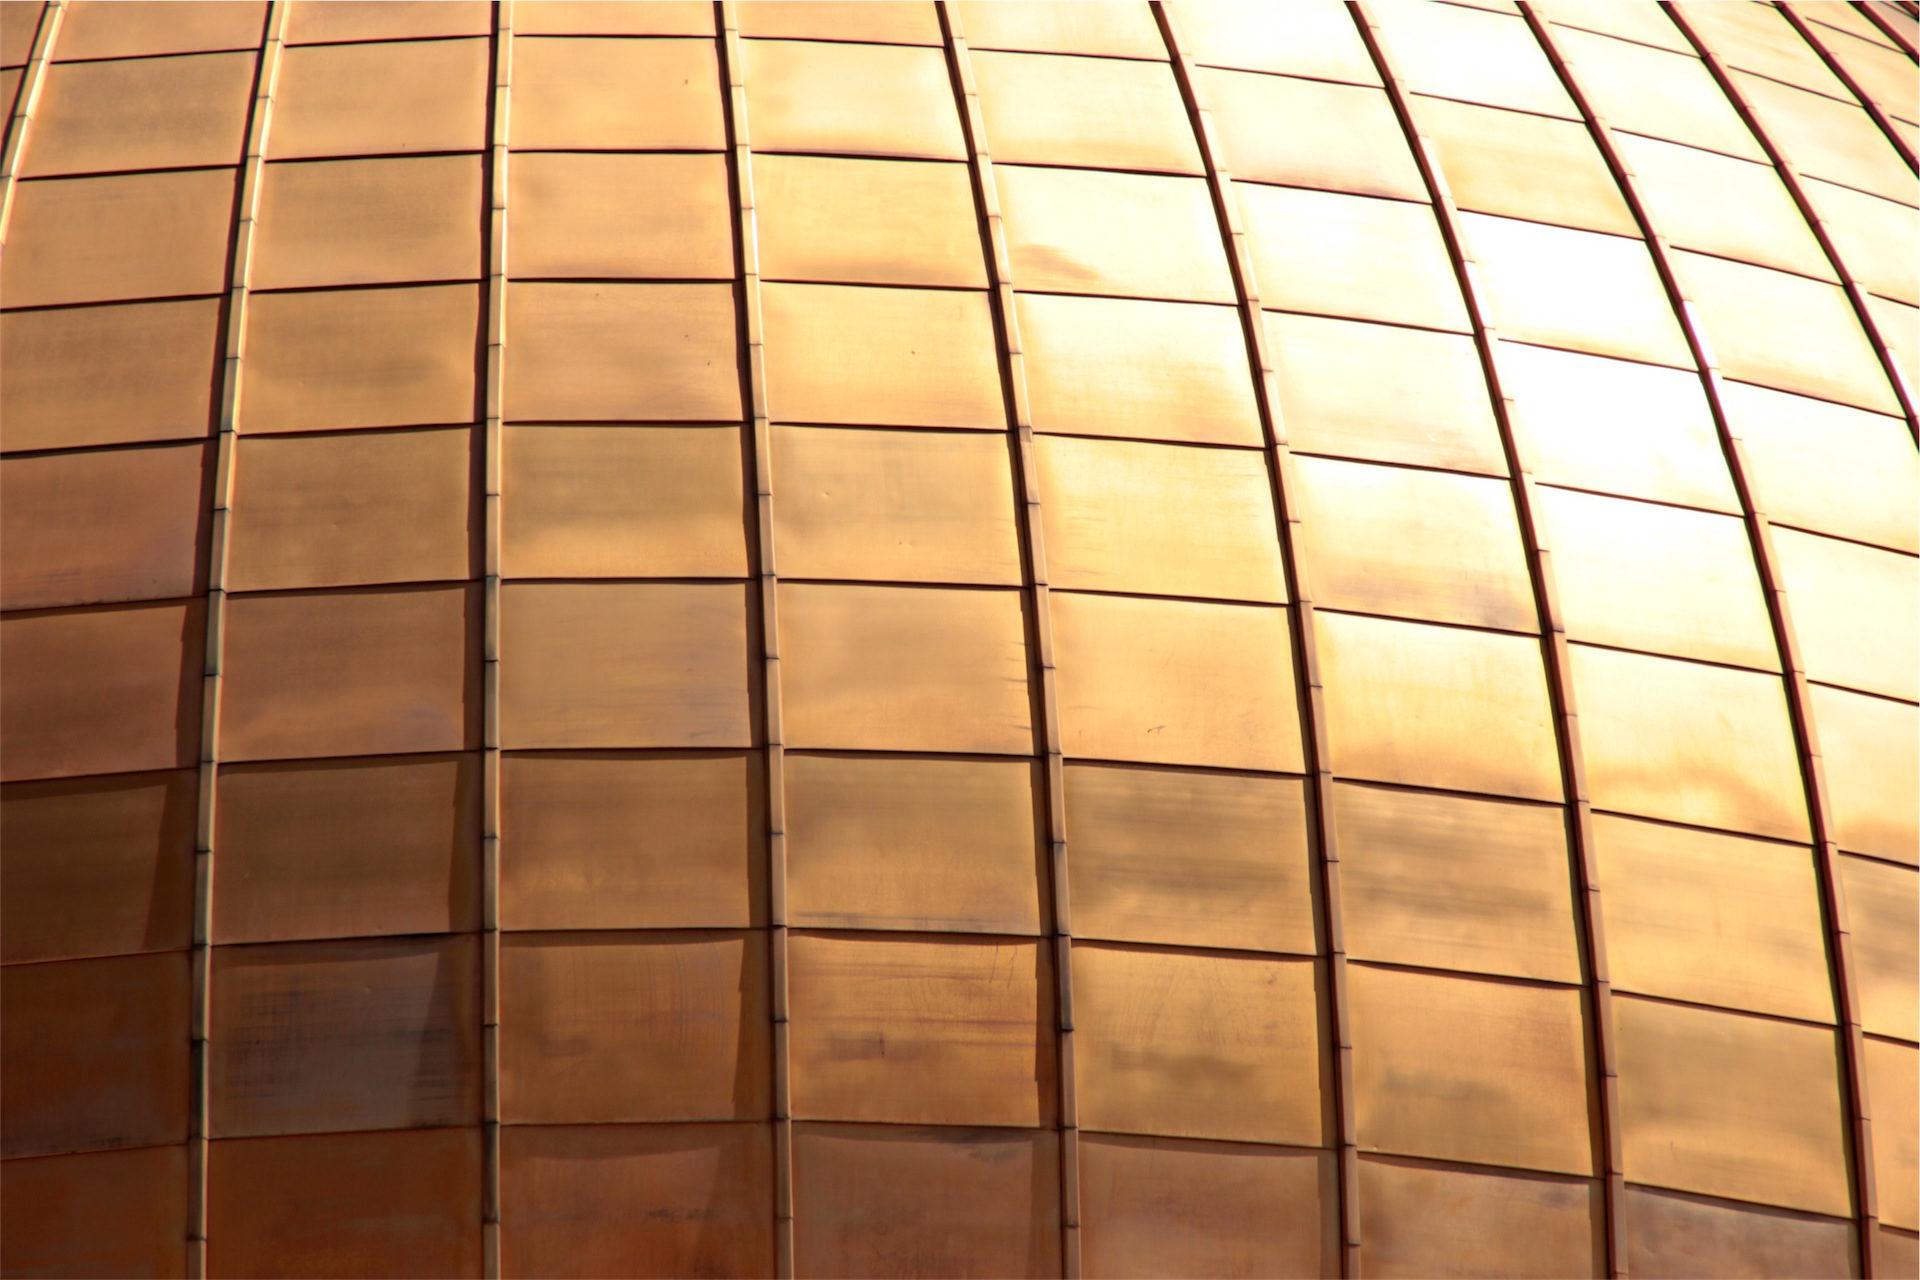 κτίριο, Dorado, Ανταλλακτικά, Πλατεία, αντανάκλαση - Wallpapers HD - Professor-falken.com